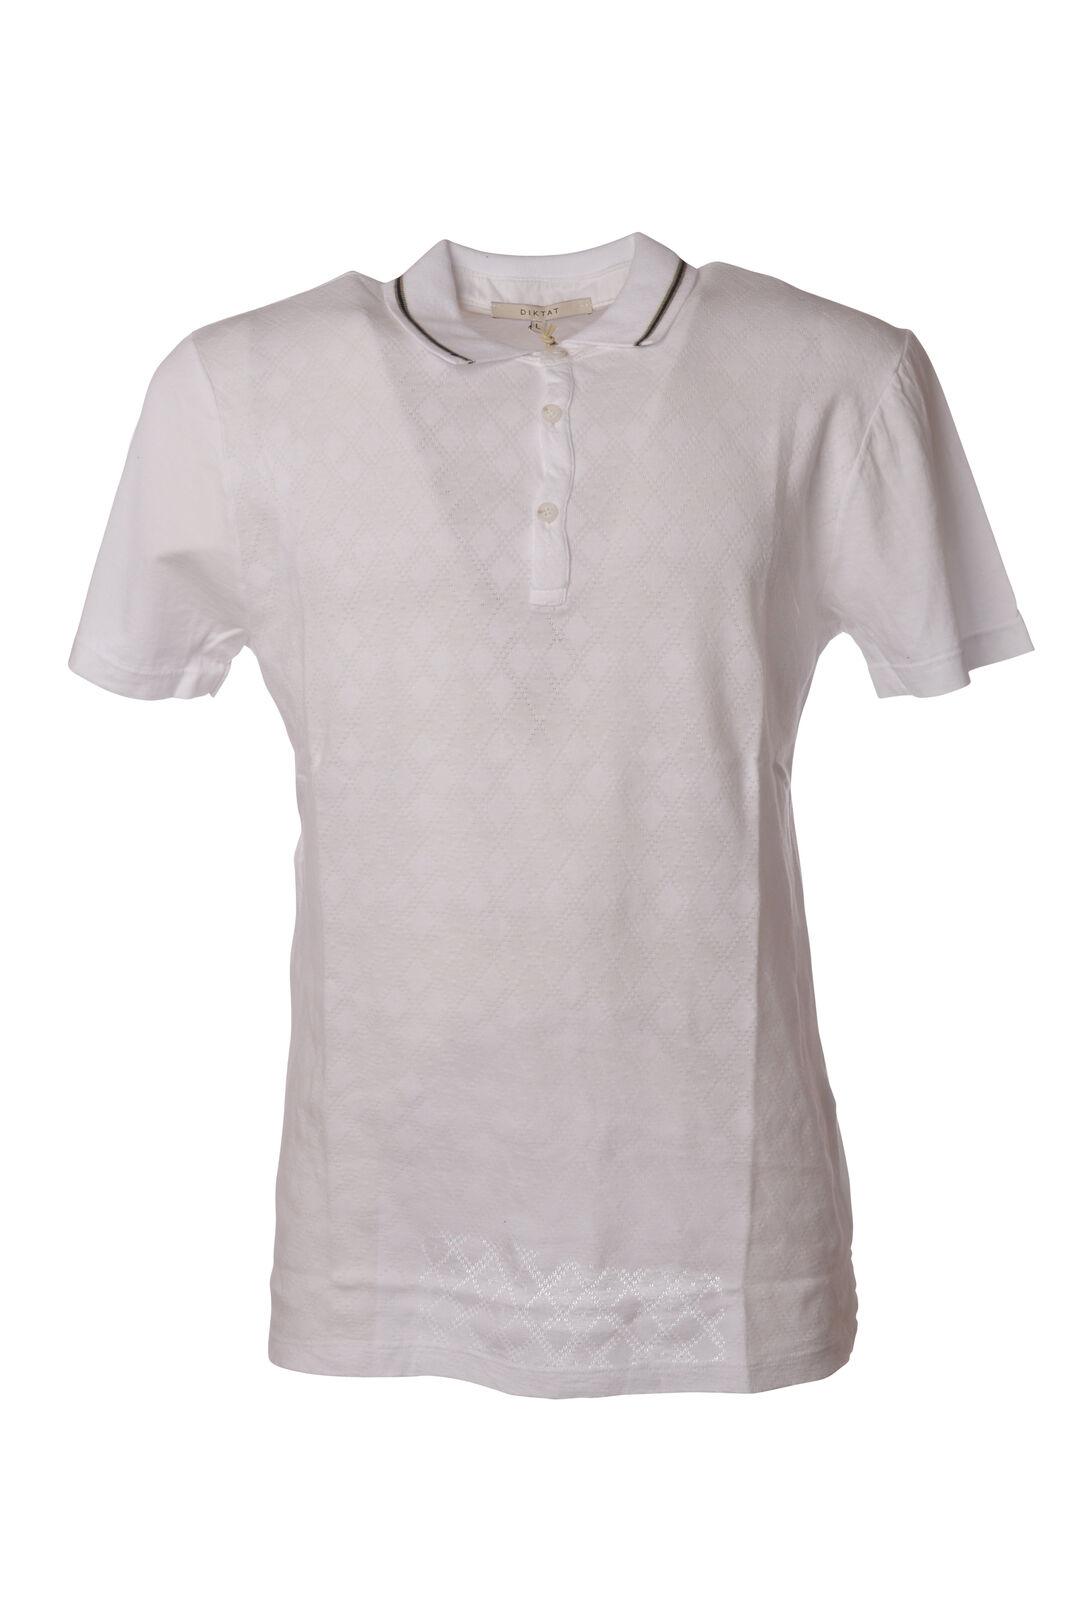 Diktat - Topwear-Polo - Man - White - 5250912F183704